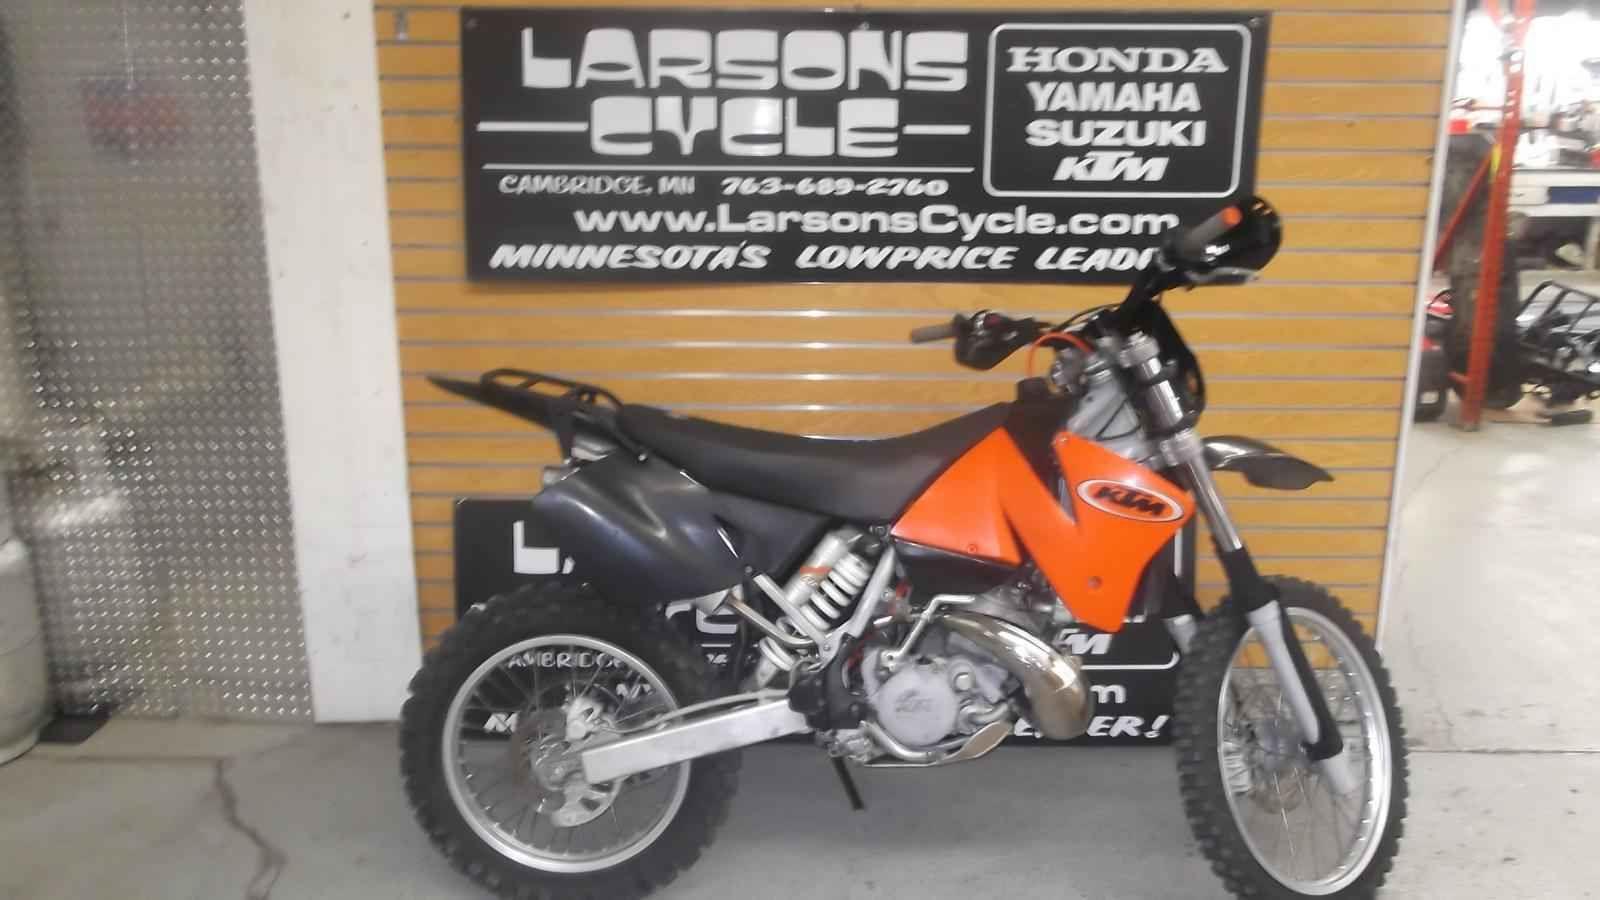 1999 Ktm 200 Mxc Ktm Ktm Motorcycles Ktm 85 Sx